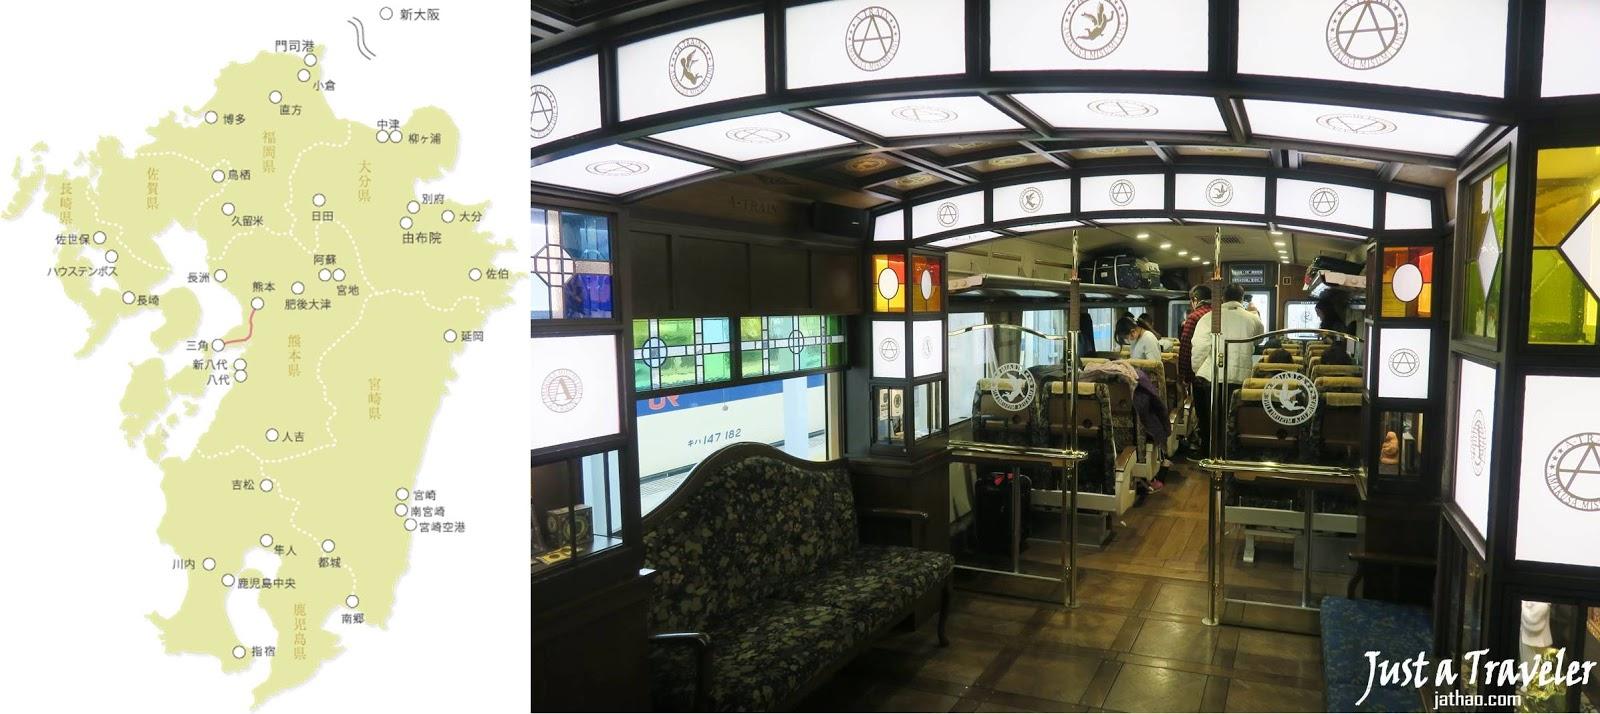 九州-特色觀光列車-推薦-D&S列車-坐A列車去吧-攻略-特色列車預訂-觀光列車-火車-JR-交通-Kyushu